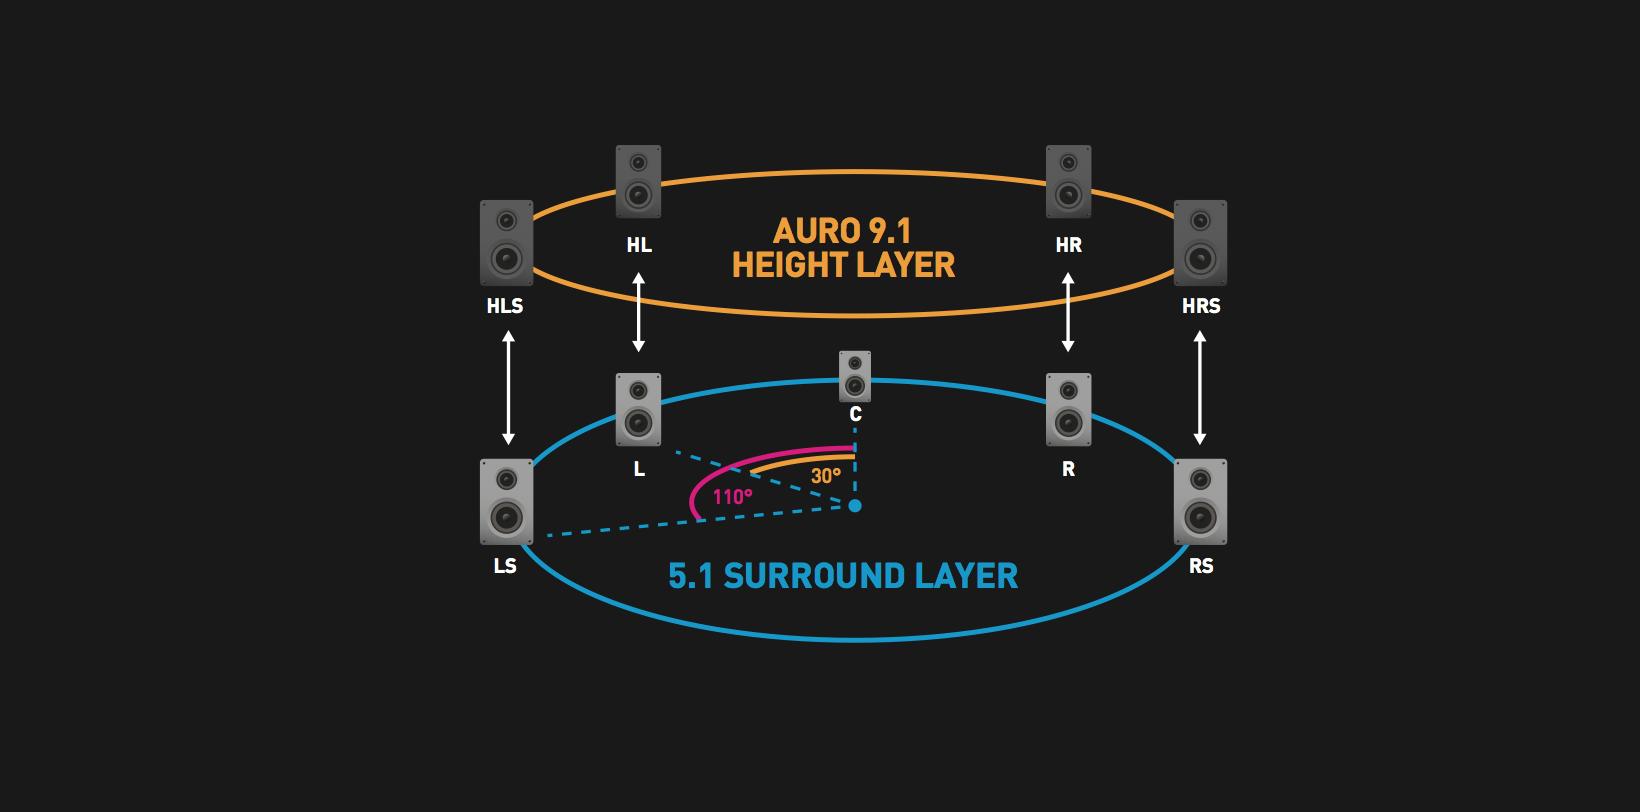 Wytyczne Auro3D